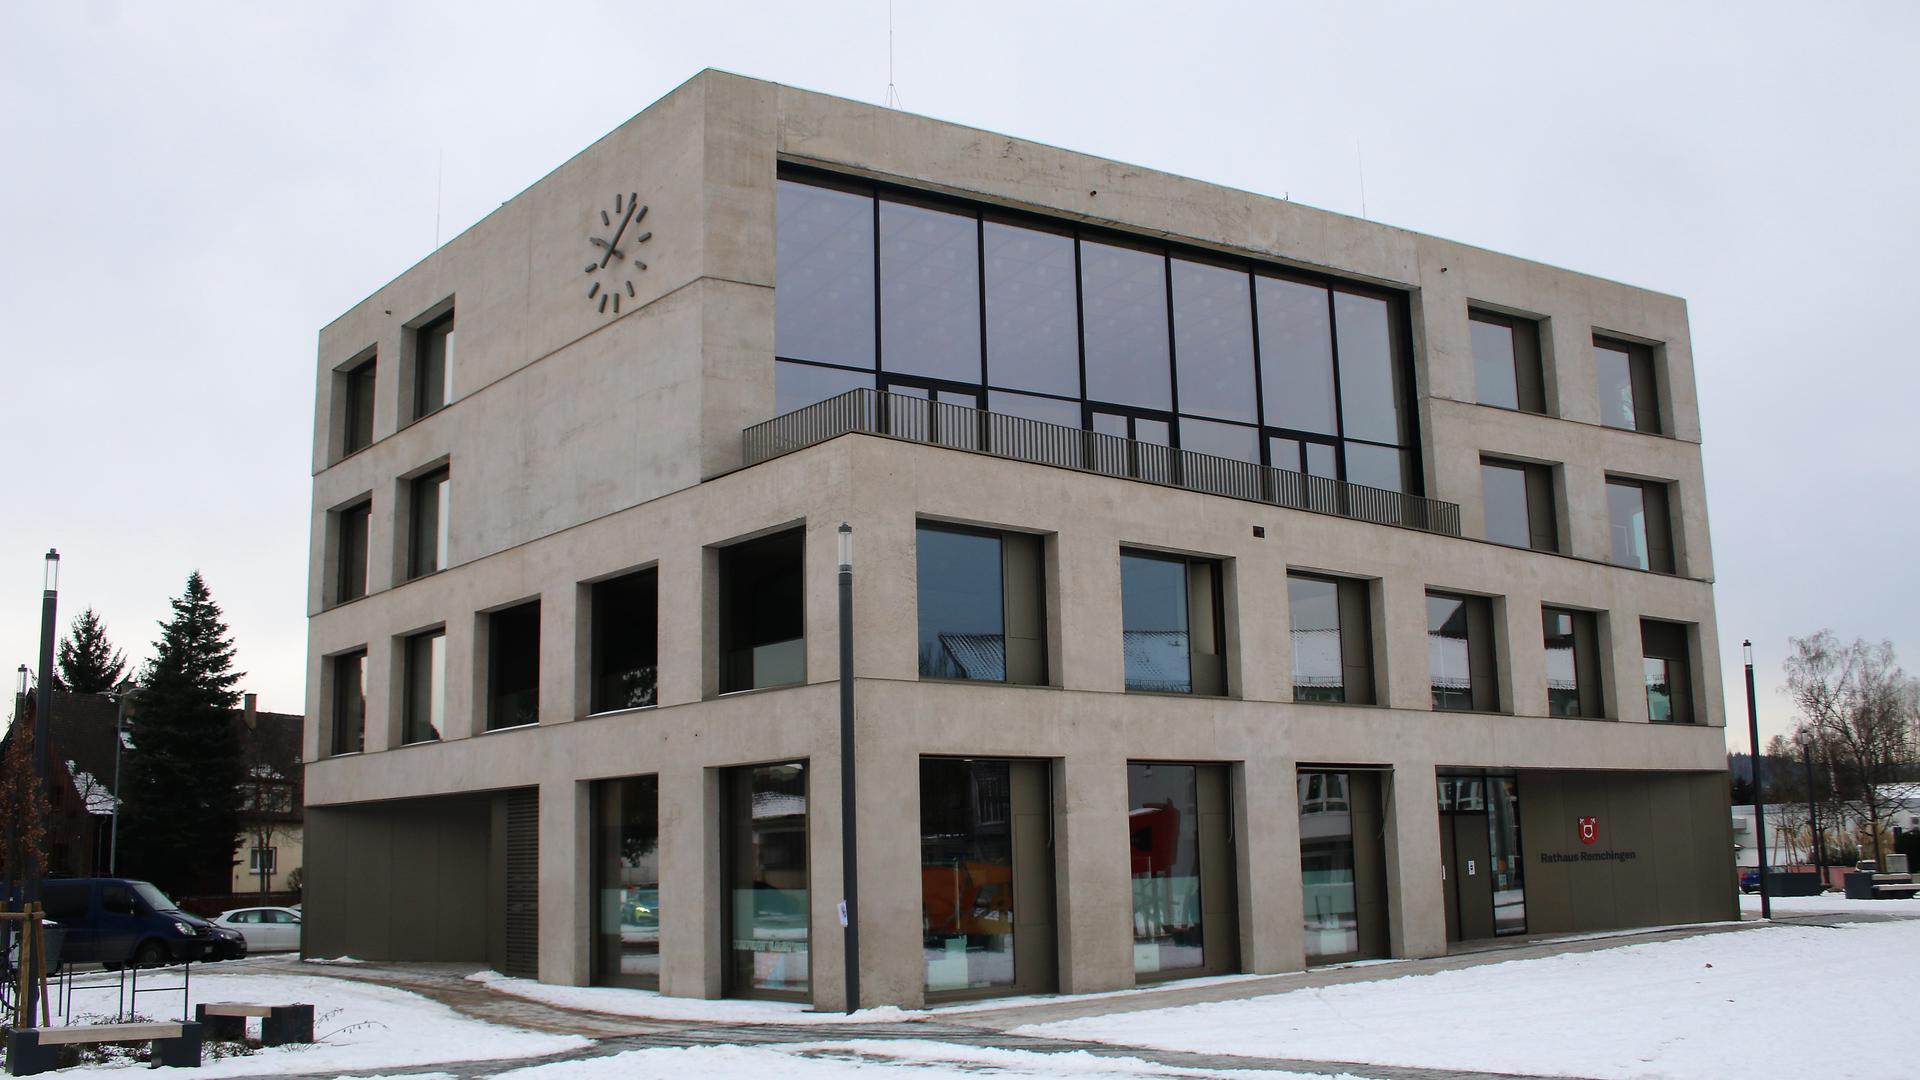 Der Remchinger Rathausneubau ist für den europaweiten Architekturpreis Mies van der Rohe Award 2022 nominiert.